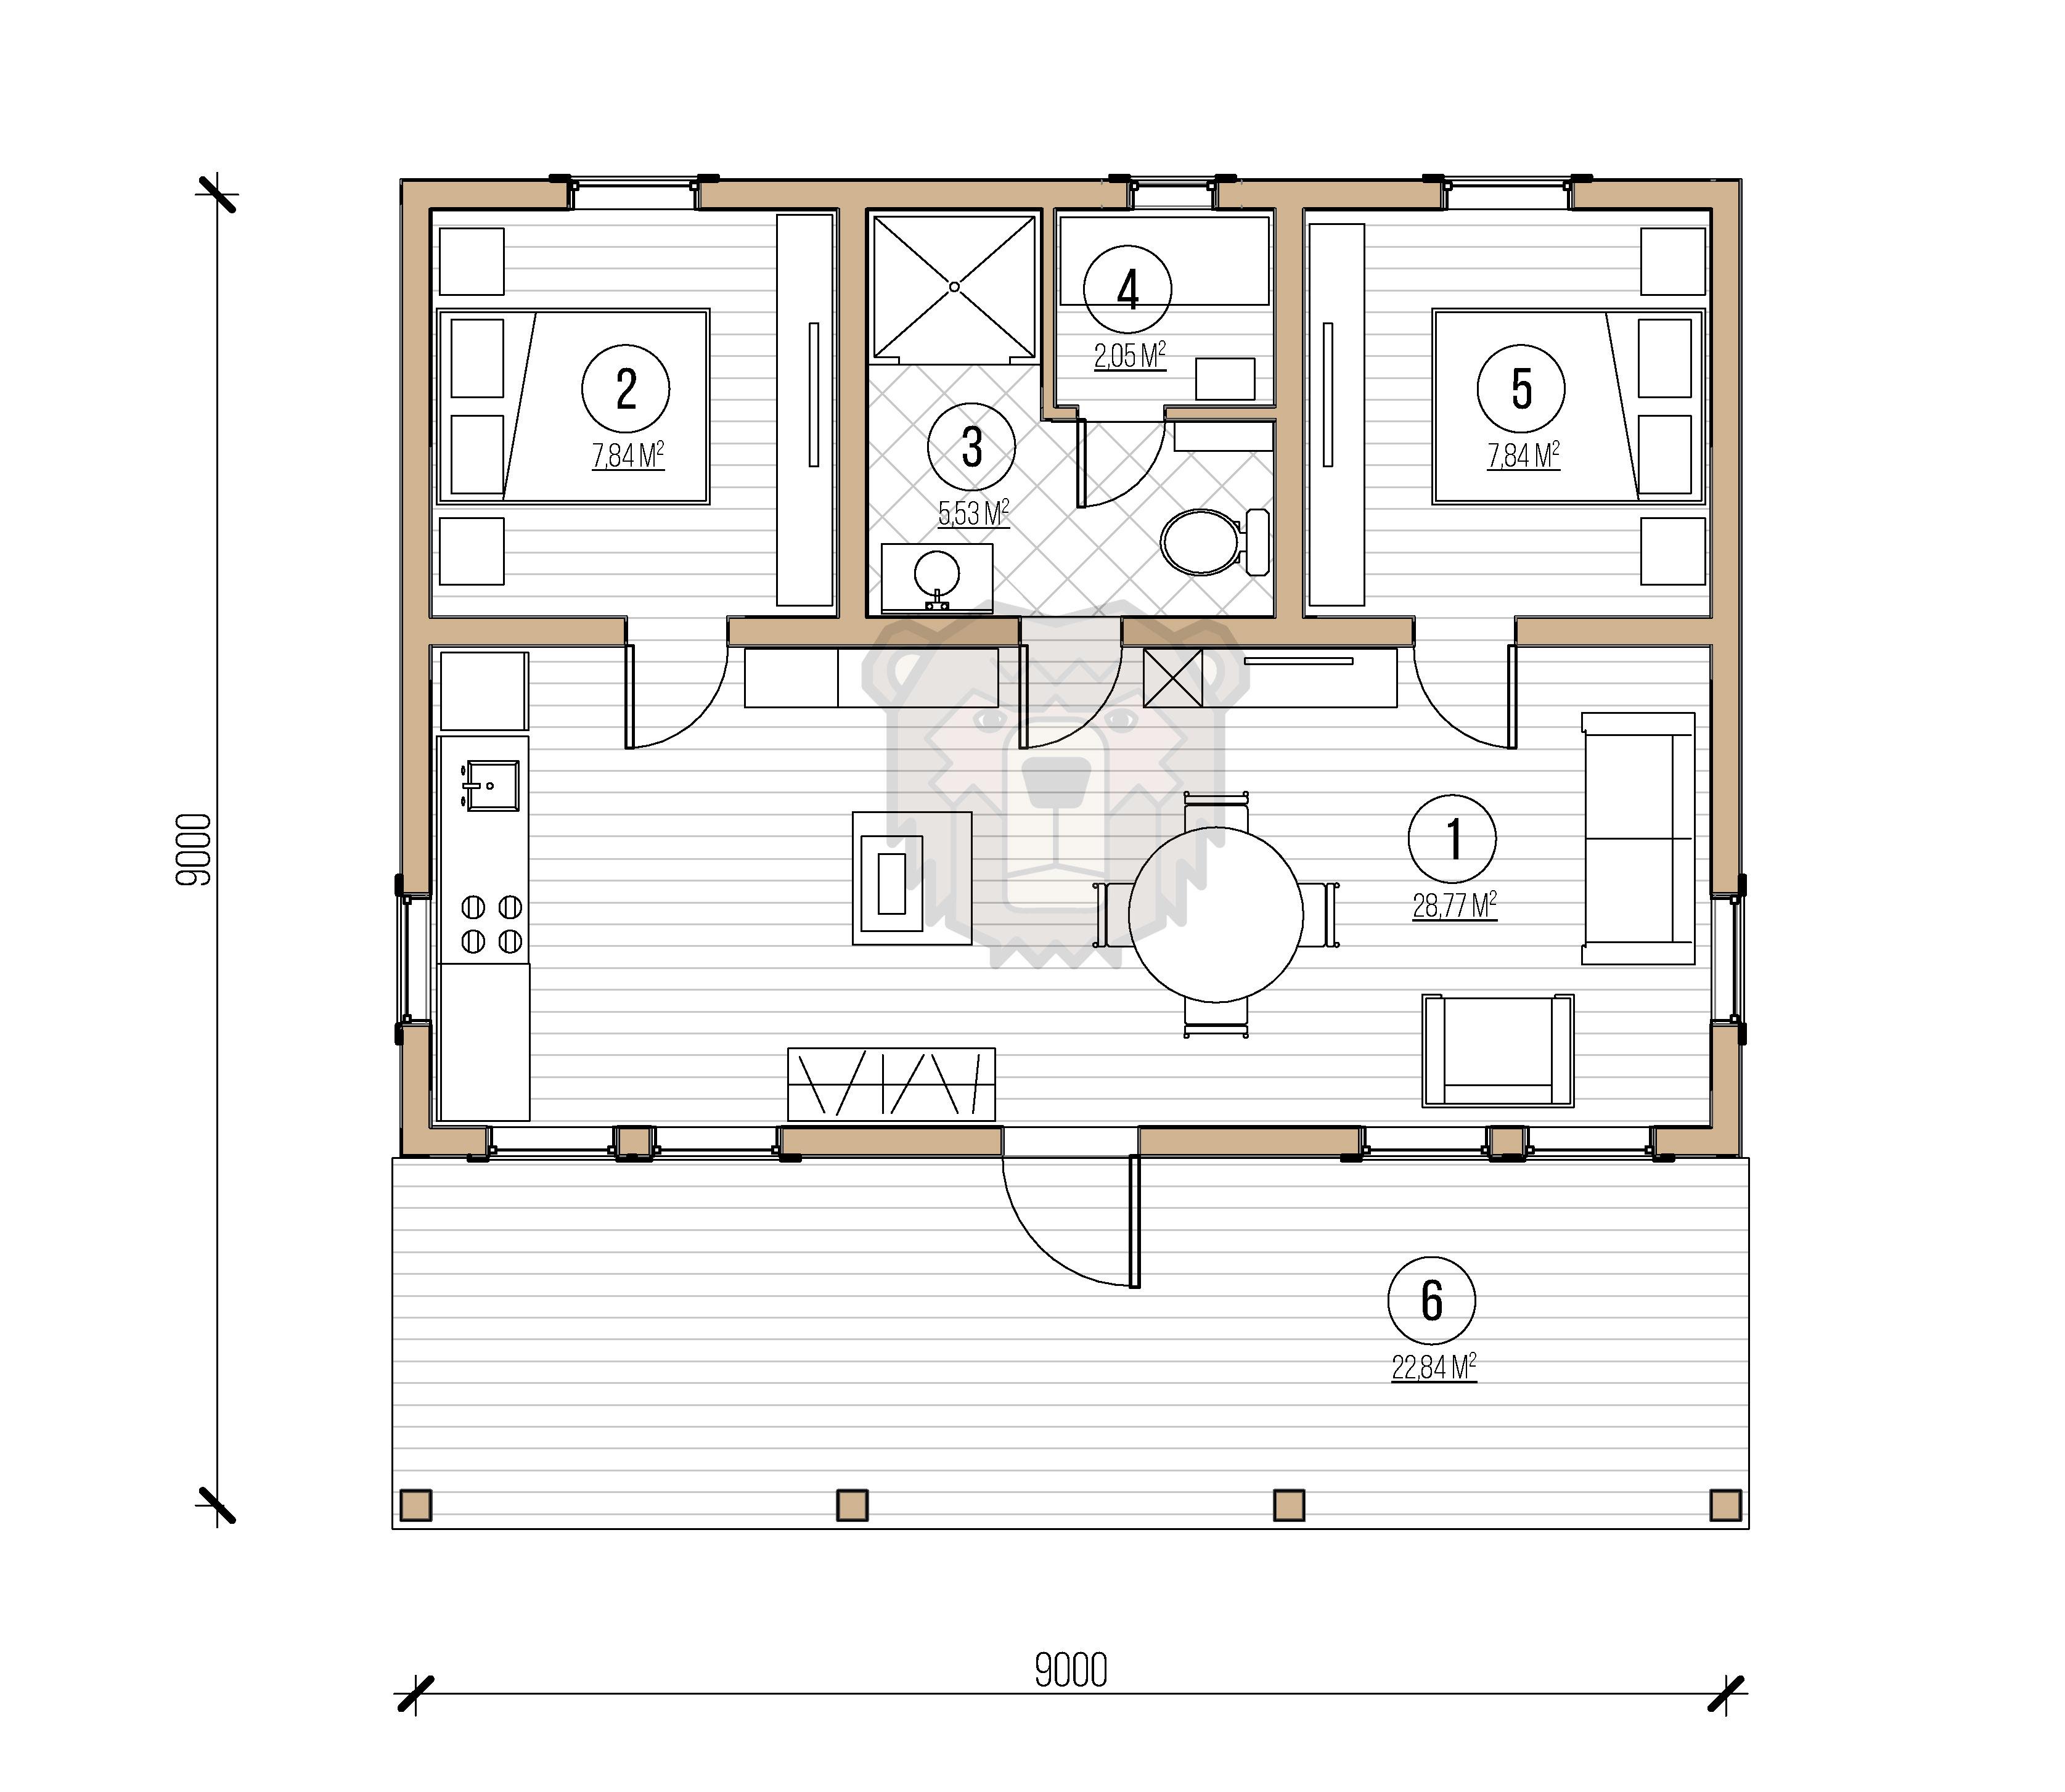 Гостевой дом план